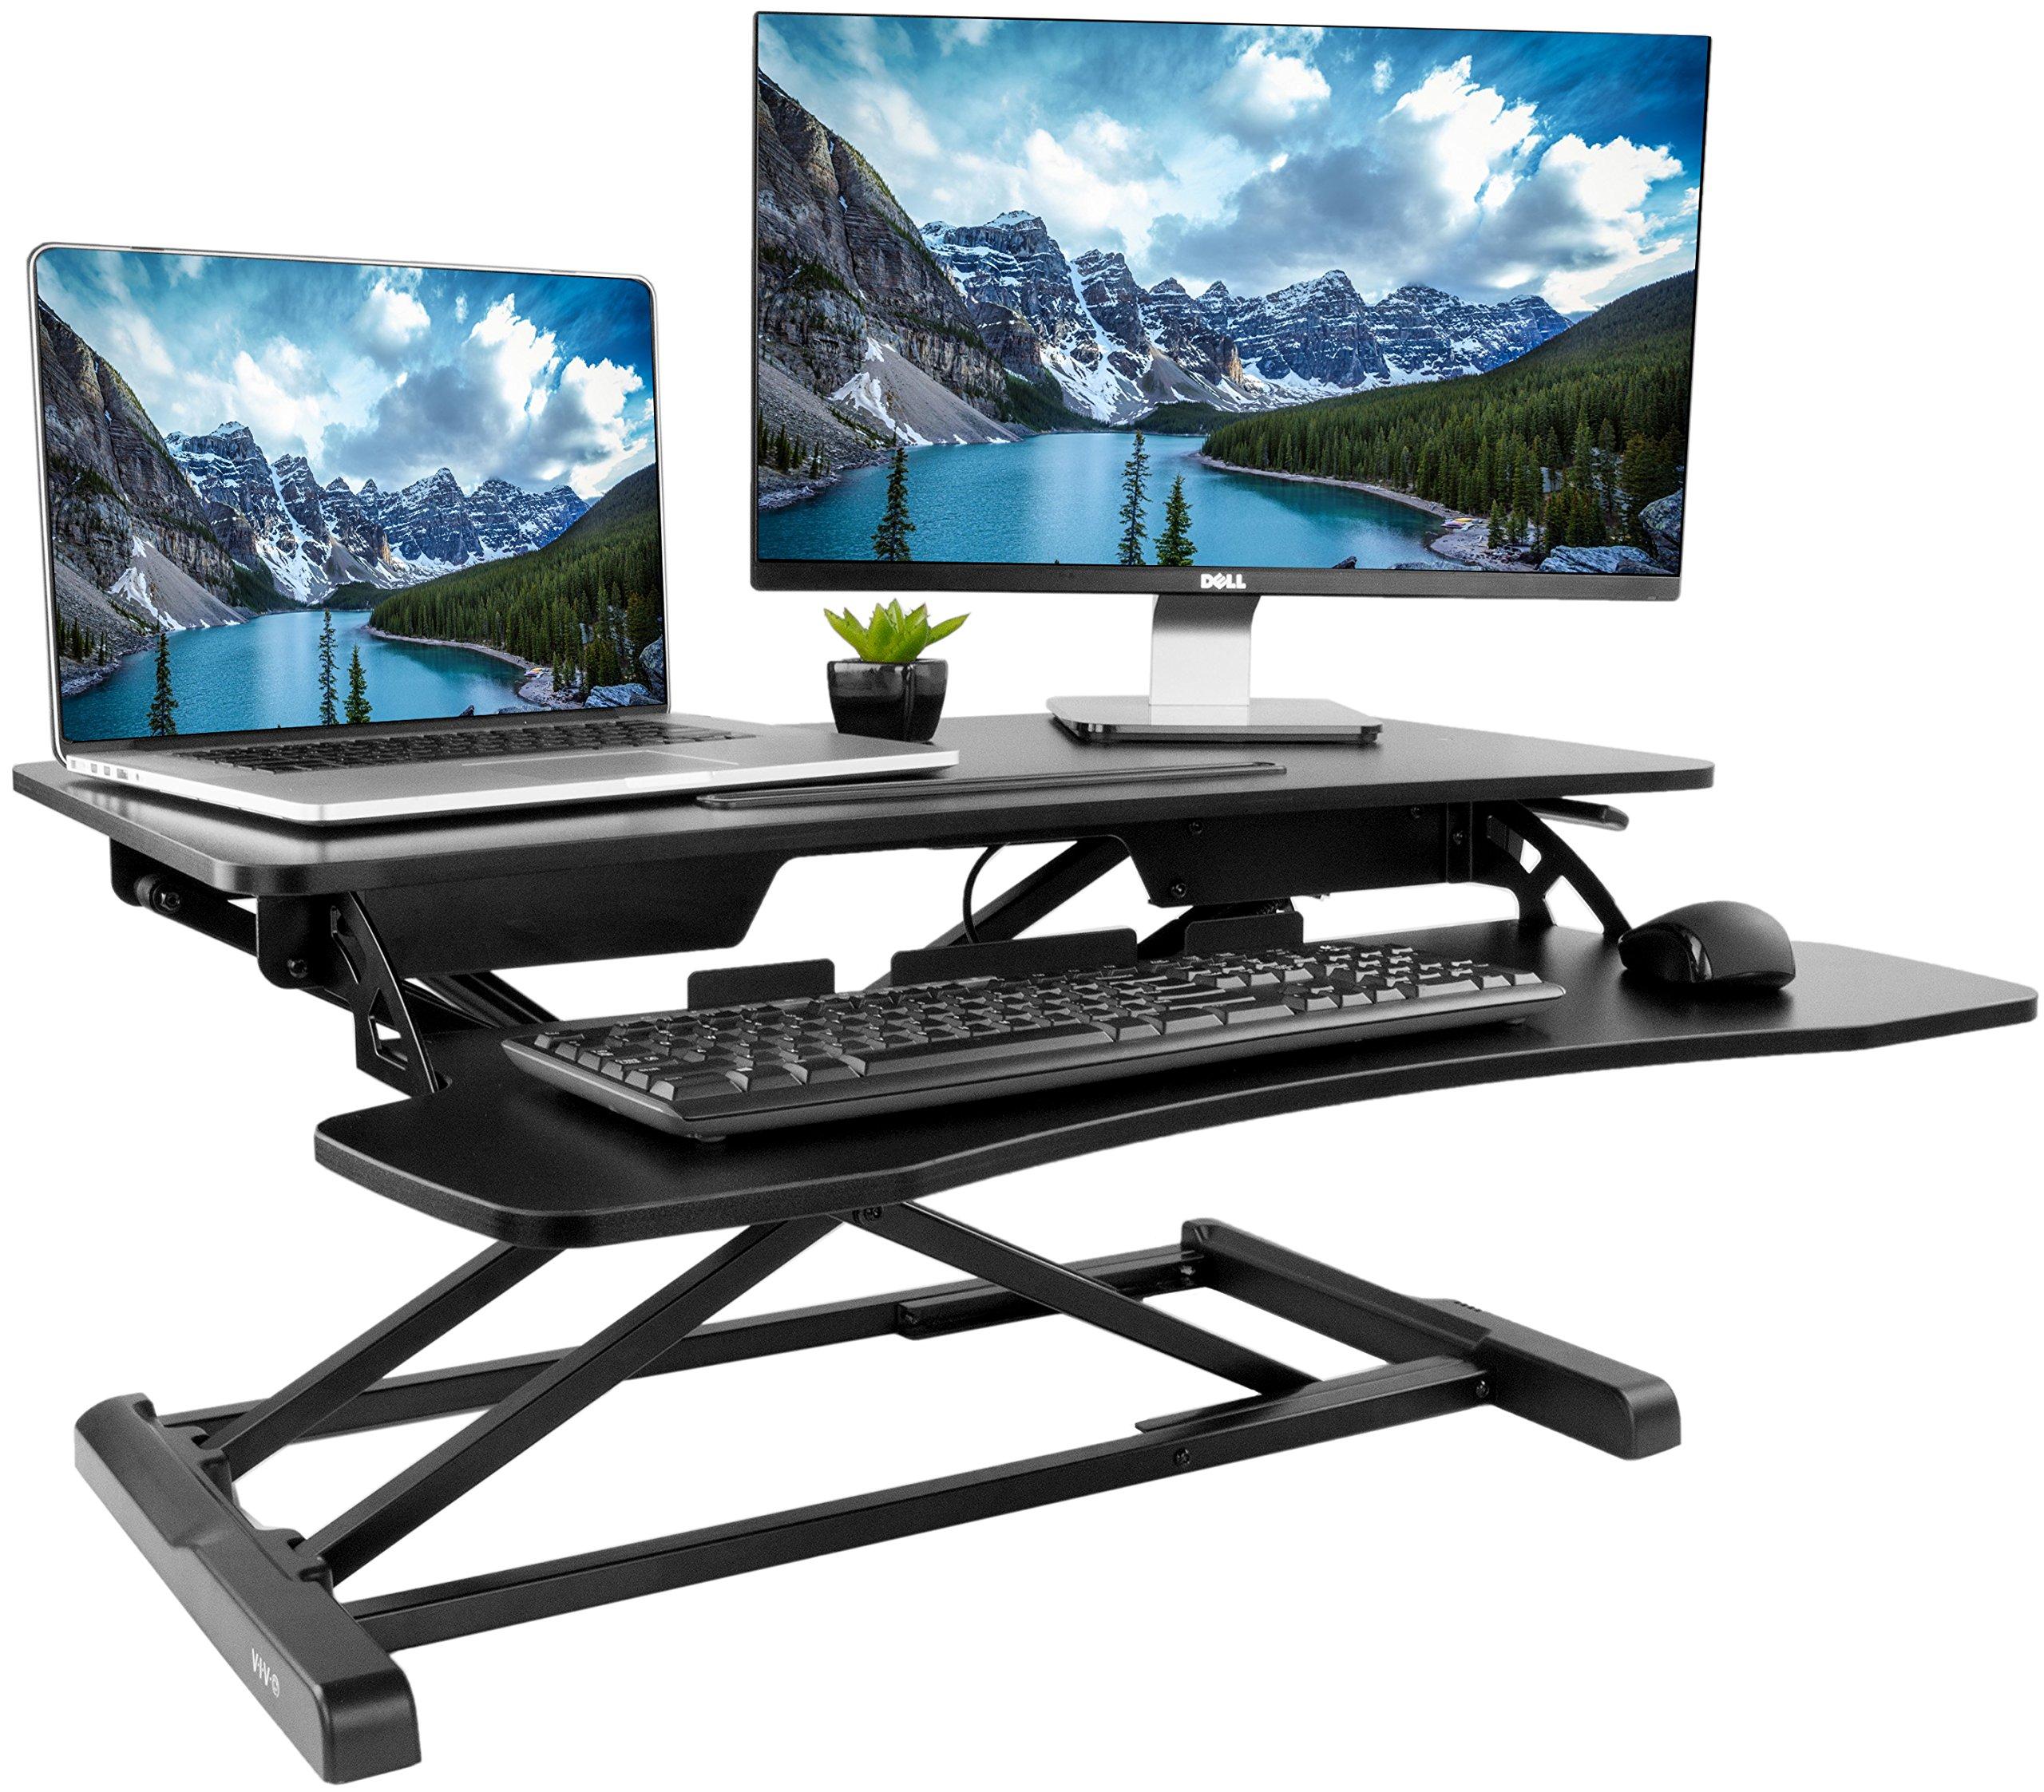 VIVO Height Adjustable Standing Desk Sit to Stand Gas Spring Riser Converter   32'' Wide Tabletop Workstation fits Dual Monitor (DESK-V000K)